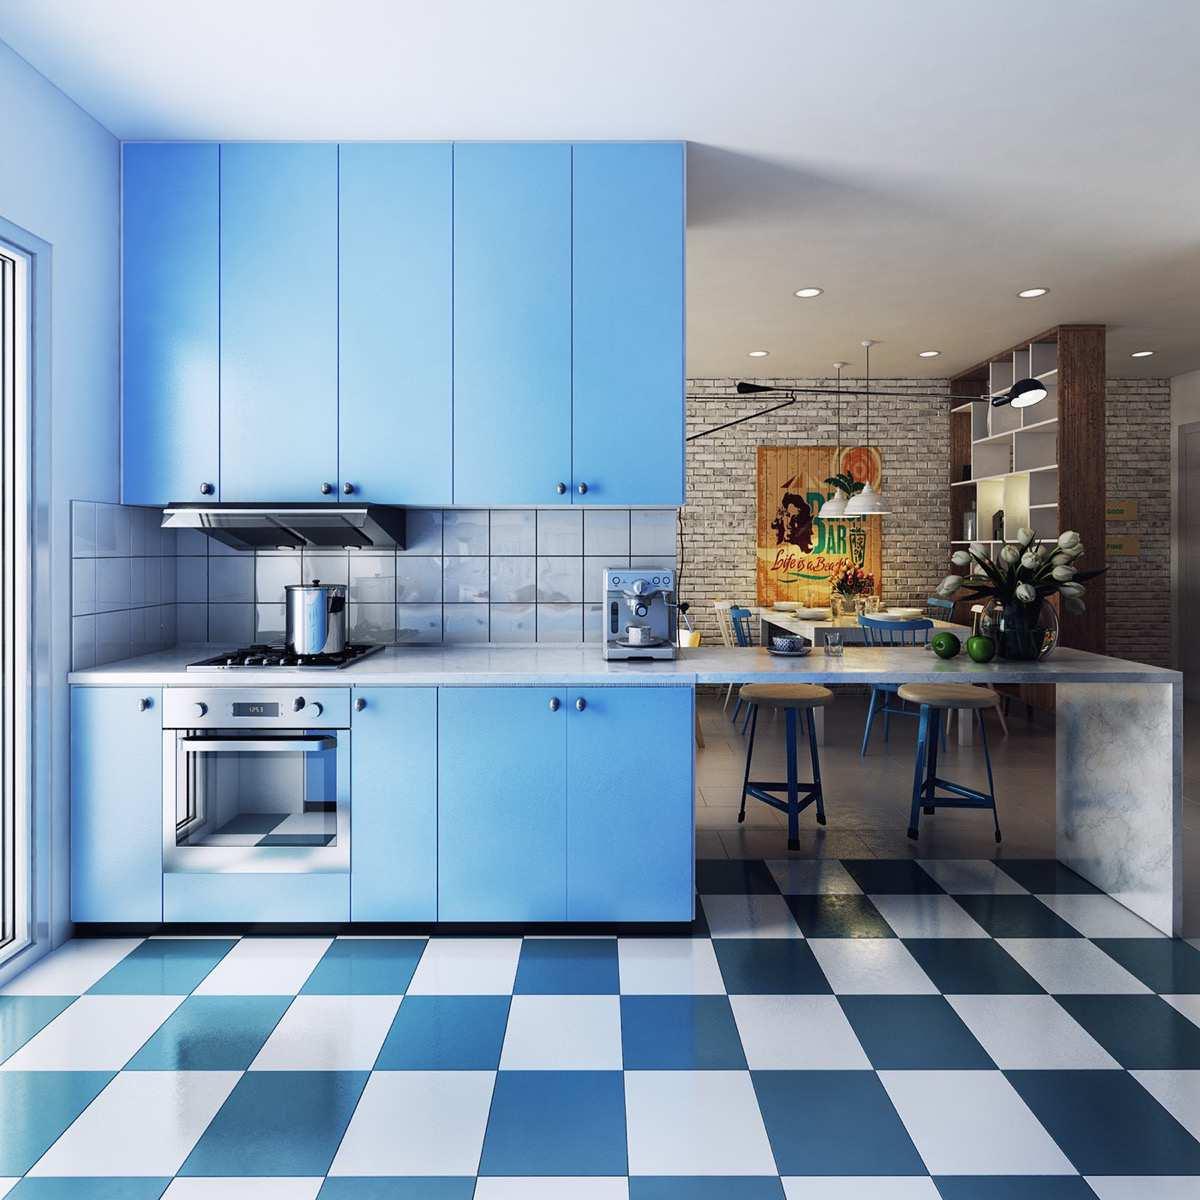 طراحی 30 نمونه آشپزخانه به رنگ آبی - Blue Kitchens 10